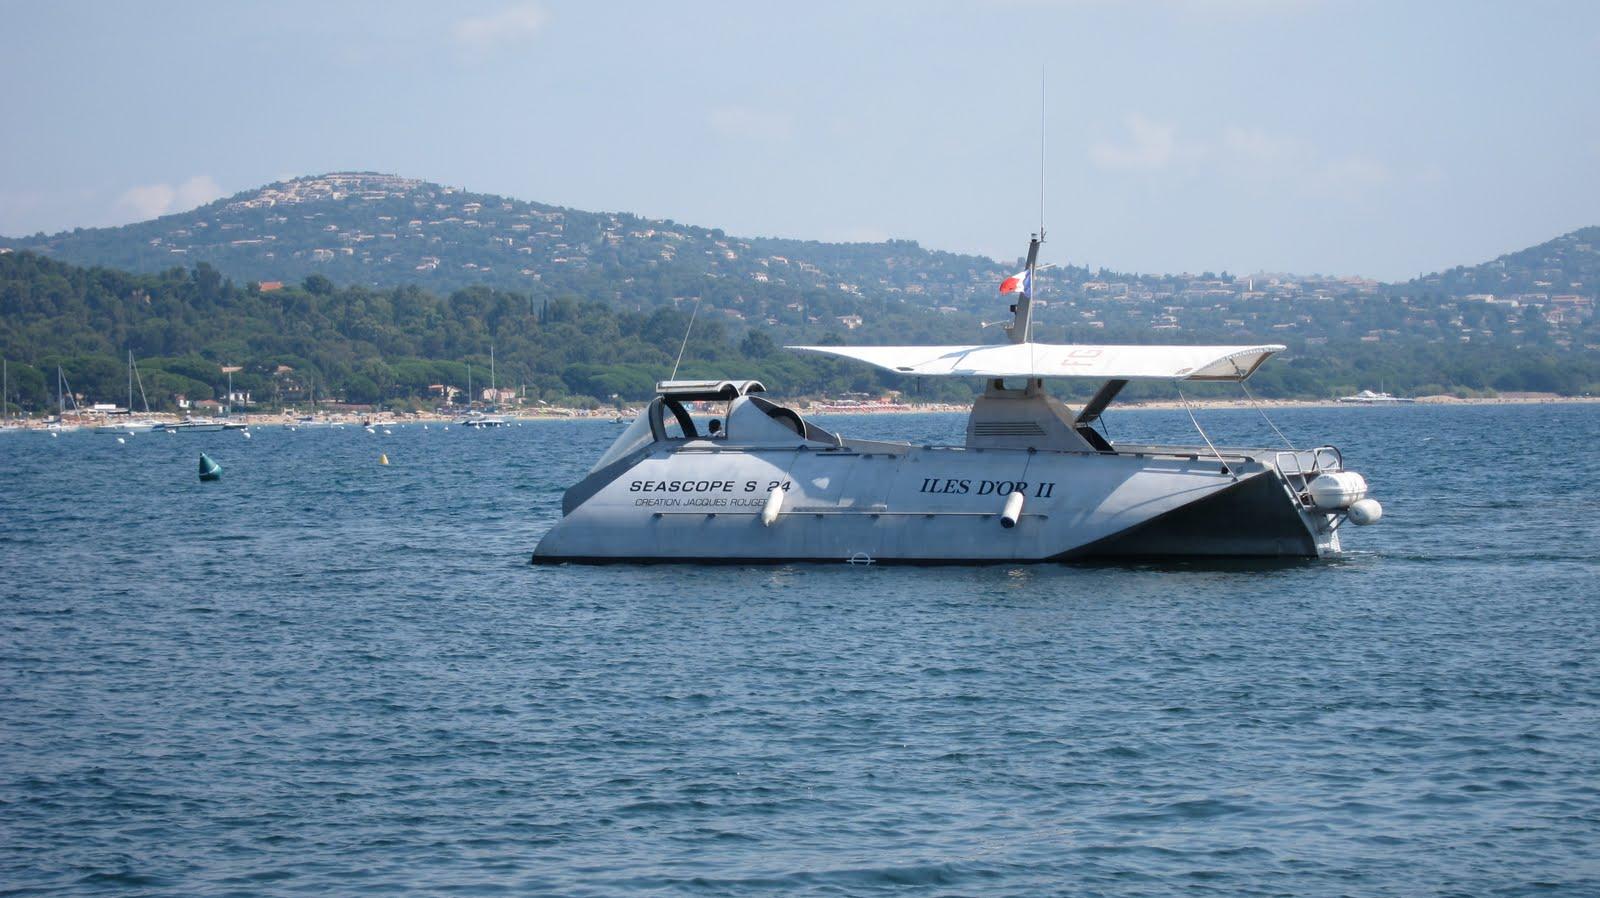 70e8bfa180d0 Across the Mediterranean in a Mini: Cavaliere-Sur-Mer